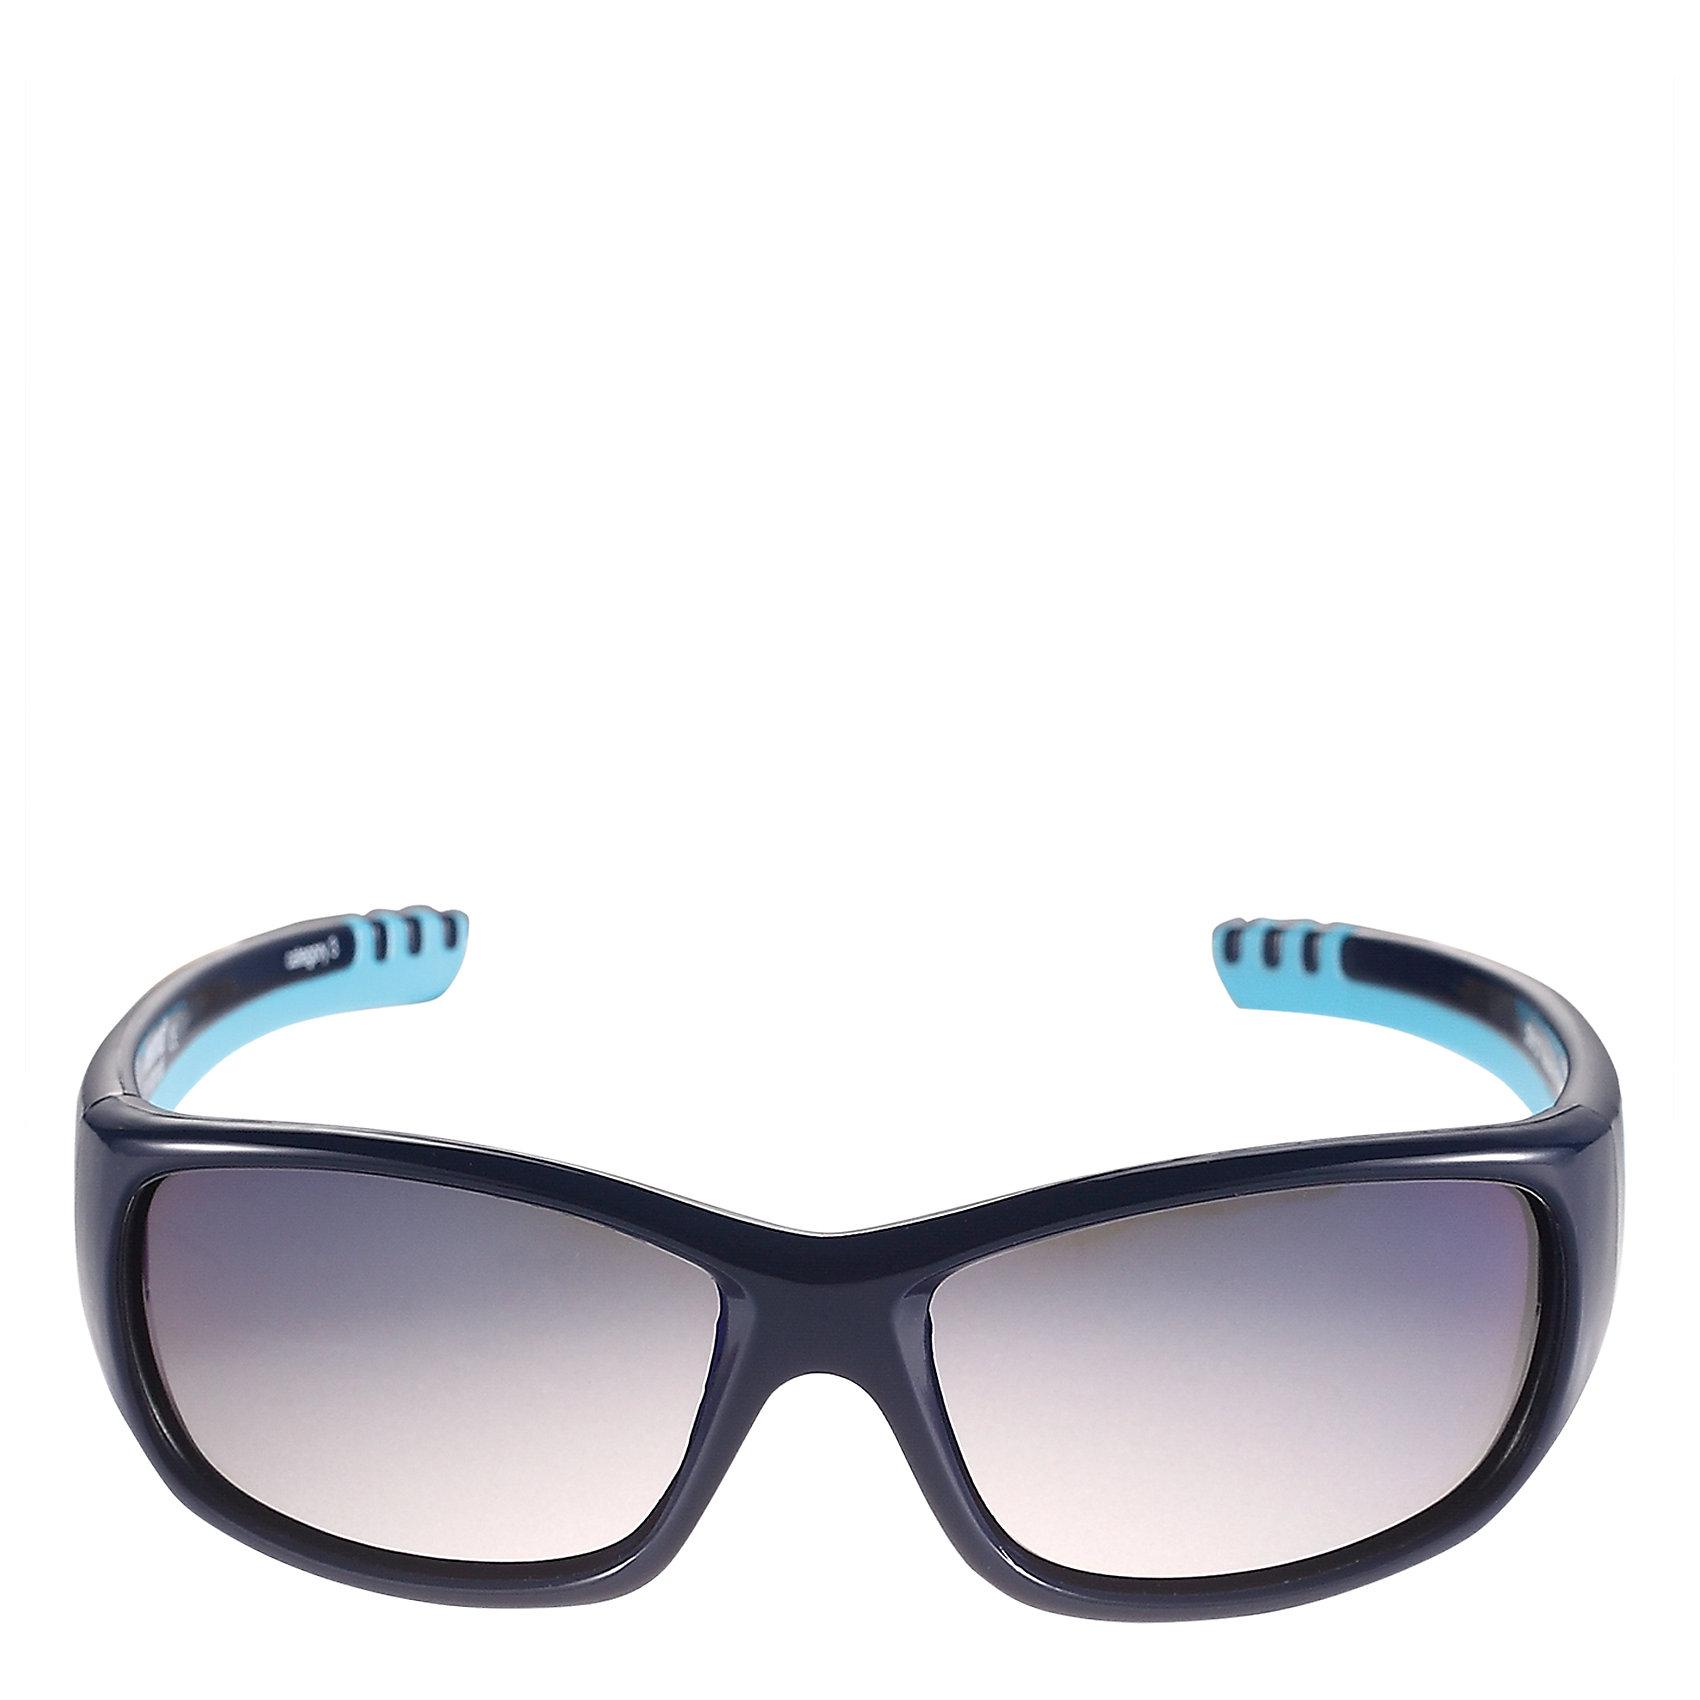 Солнцезащитные очки Sereno ReimaСолнцезащитные очки<br>Характеристики товара:<br><br>• цвет: синий<br>• состав: оправа - TPEE/TPR/TR90/Резина, линзы - PC<br>• рекомендовано для детей 4-6 лет<br>• 3 степень УФА + УФВ защиты<br>• поляризованные зеркальные линзы<br>• обработка противотуманным покрытием<br>• мягкая и эластичная оправа <br>• защитный чехол в комплекте<br>• европейский сертификат соответствия<br>• защита от ультрафиолетовых лучей спектра A и спектра B класса 5<br>• страна производства: Китай<br>• страна бренда: Финляндия<br>• коллекция: весна-лето 2017<br><br>Специальные очки помогут уберечь глаза детей от повреждения прямыми солнечными лучами. Эта модель разрабатывалась для малышей - у неё мягкая оправа с очень комфортной посадкой, зеркальные линзы со специальной обработкой, есть защитный чехол. Очки не только хорошо проработаны, они стильно смотрятся!<br><br>Обувь и одежда от финского бренда Reima пользуются популярностью во многих странах. Они стильные, качественные и удобные. Для производства продукции используются только безопасные, проверенные материалы и фурнитура.<br><br>Солнцезащитные очки для девочки от финского бренда Reima (Рейма) можно купить в нашем интернет-магазине.<br>-<br><br>Ширина мм: 170<br>Глубина мм: 157<br>Высота мм: 67<br>Вес г: 117<br>Цвет: синий<br>Возраст от месяцев: 48<br>Возраст до месяцев: 72<br>Пол: Унисекс<br>Возраст: Детский<br>Размер: one size<br>SKU: 5266130